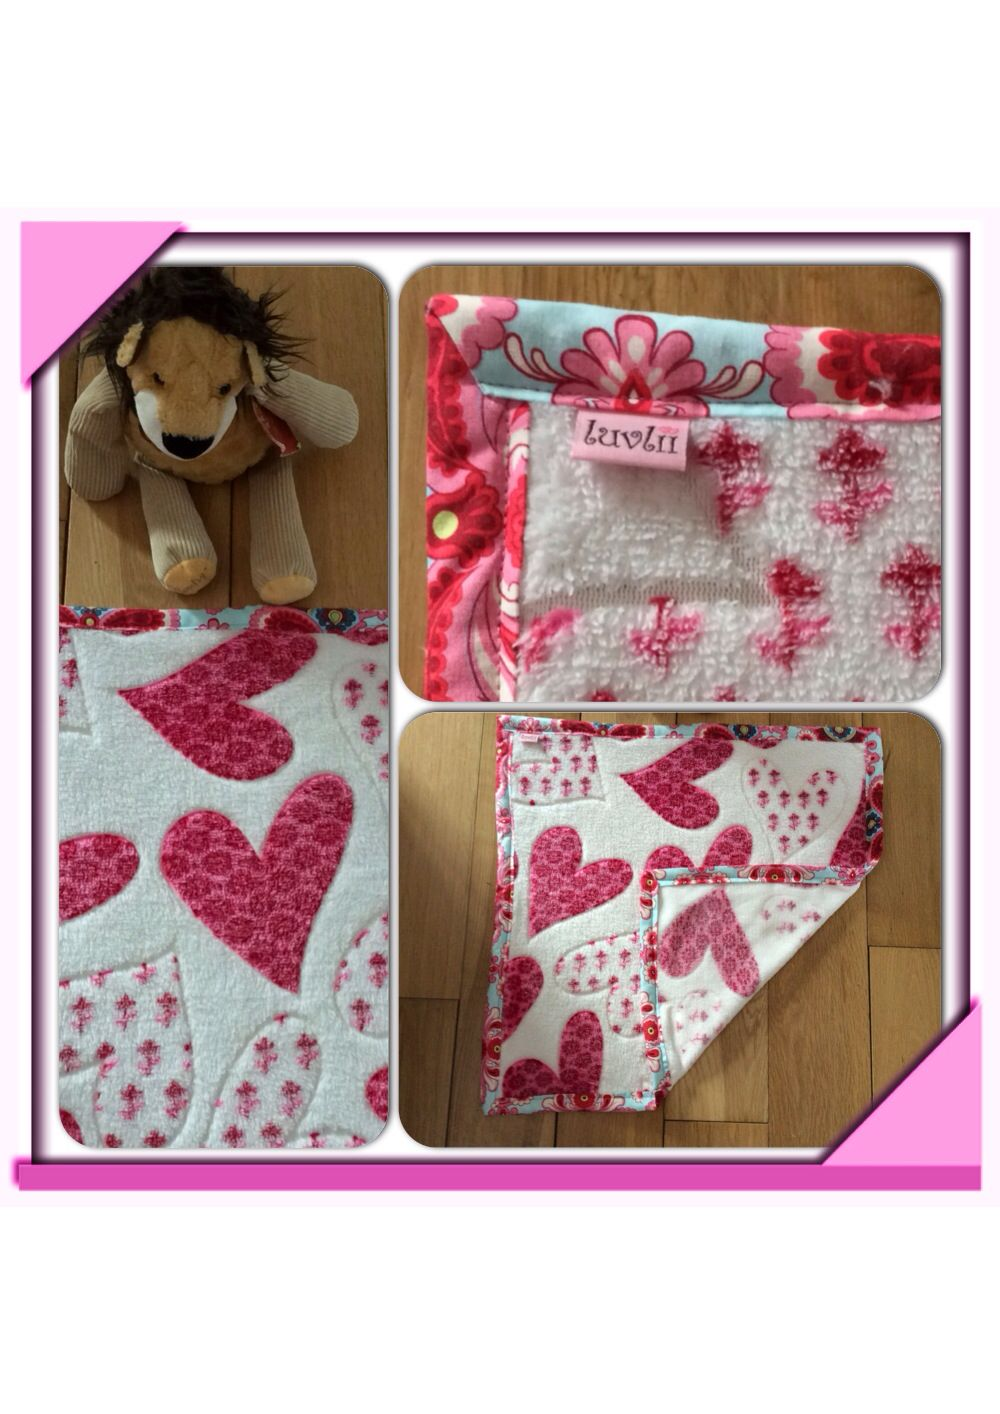 Baby blanket with handmade amy butler bias binding handmade